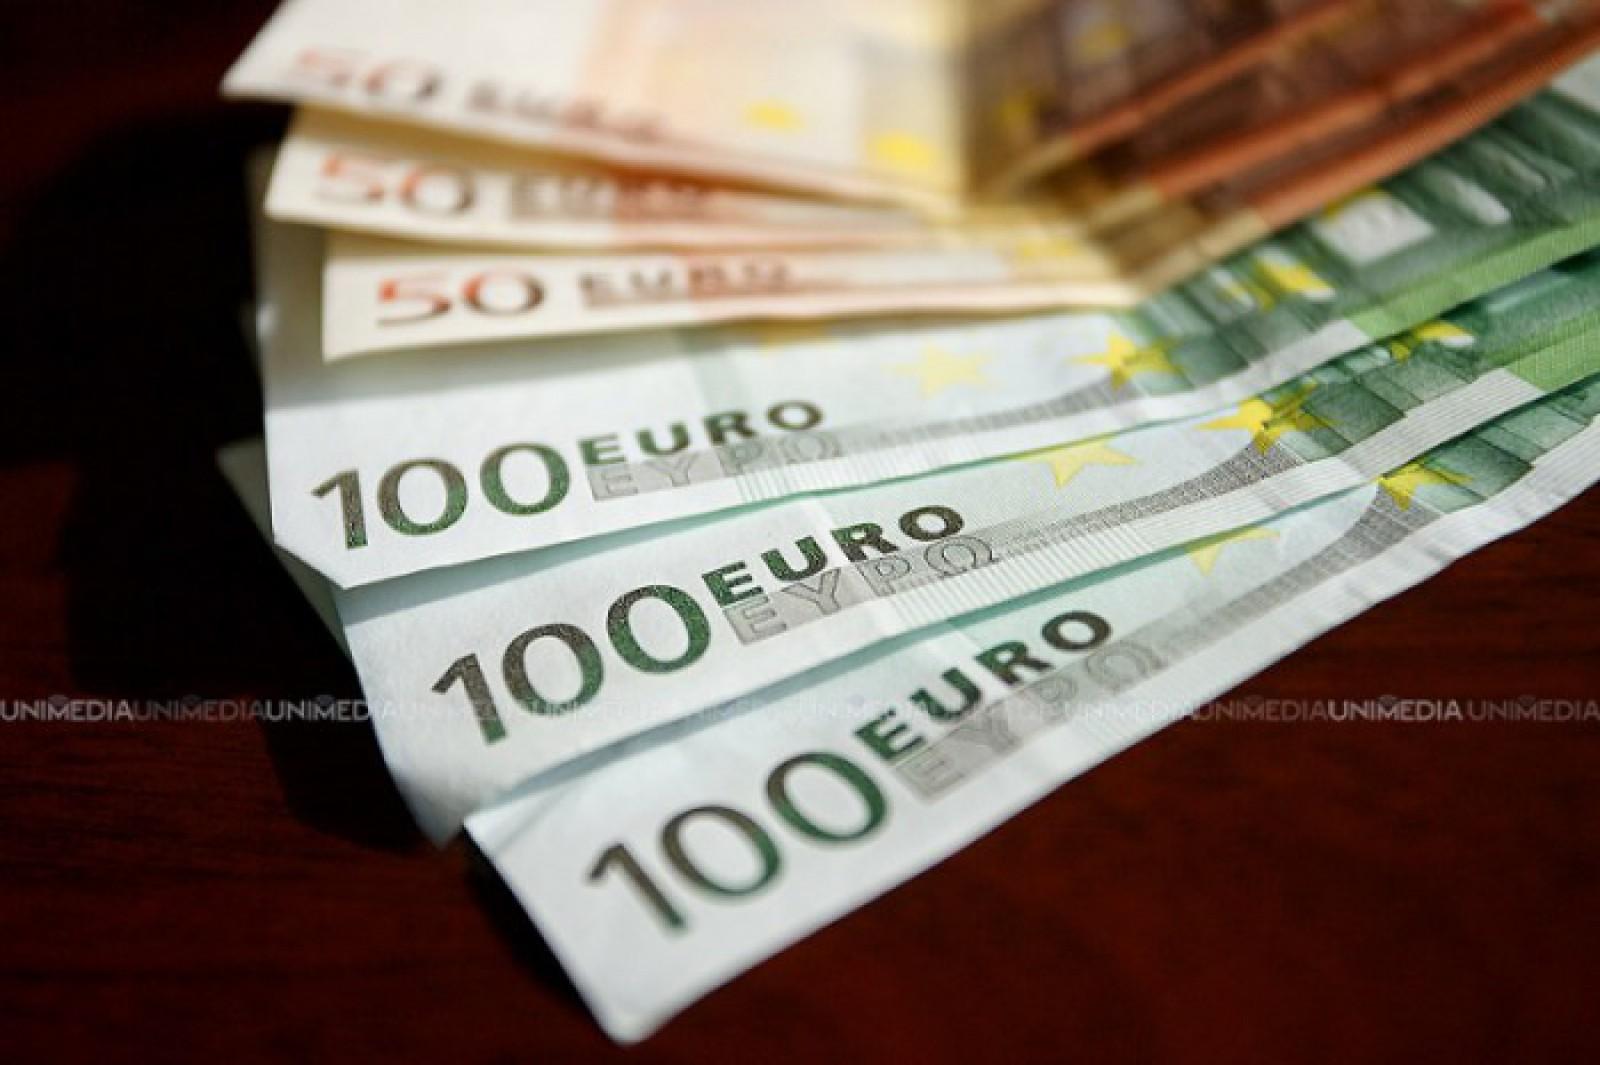 Moldovenii care muncesc în Italia ar putea primi pensii din partea statului italian